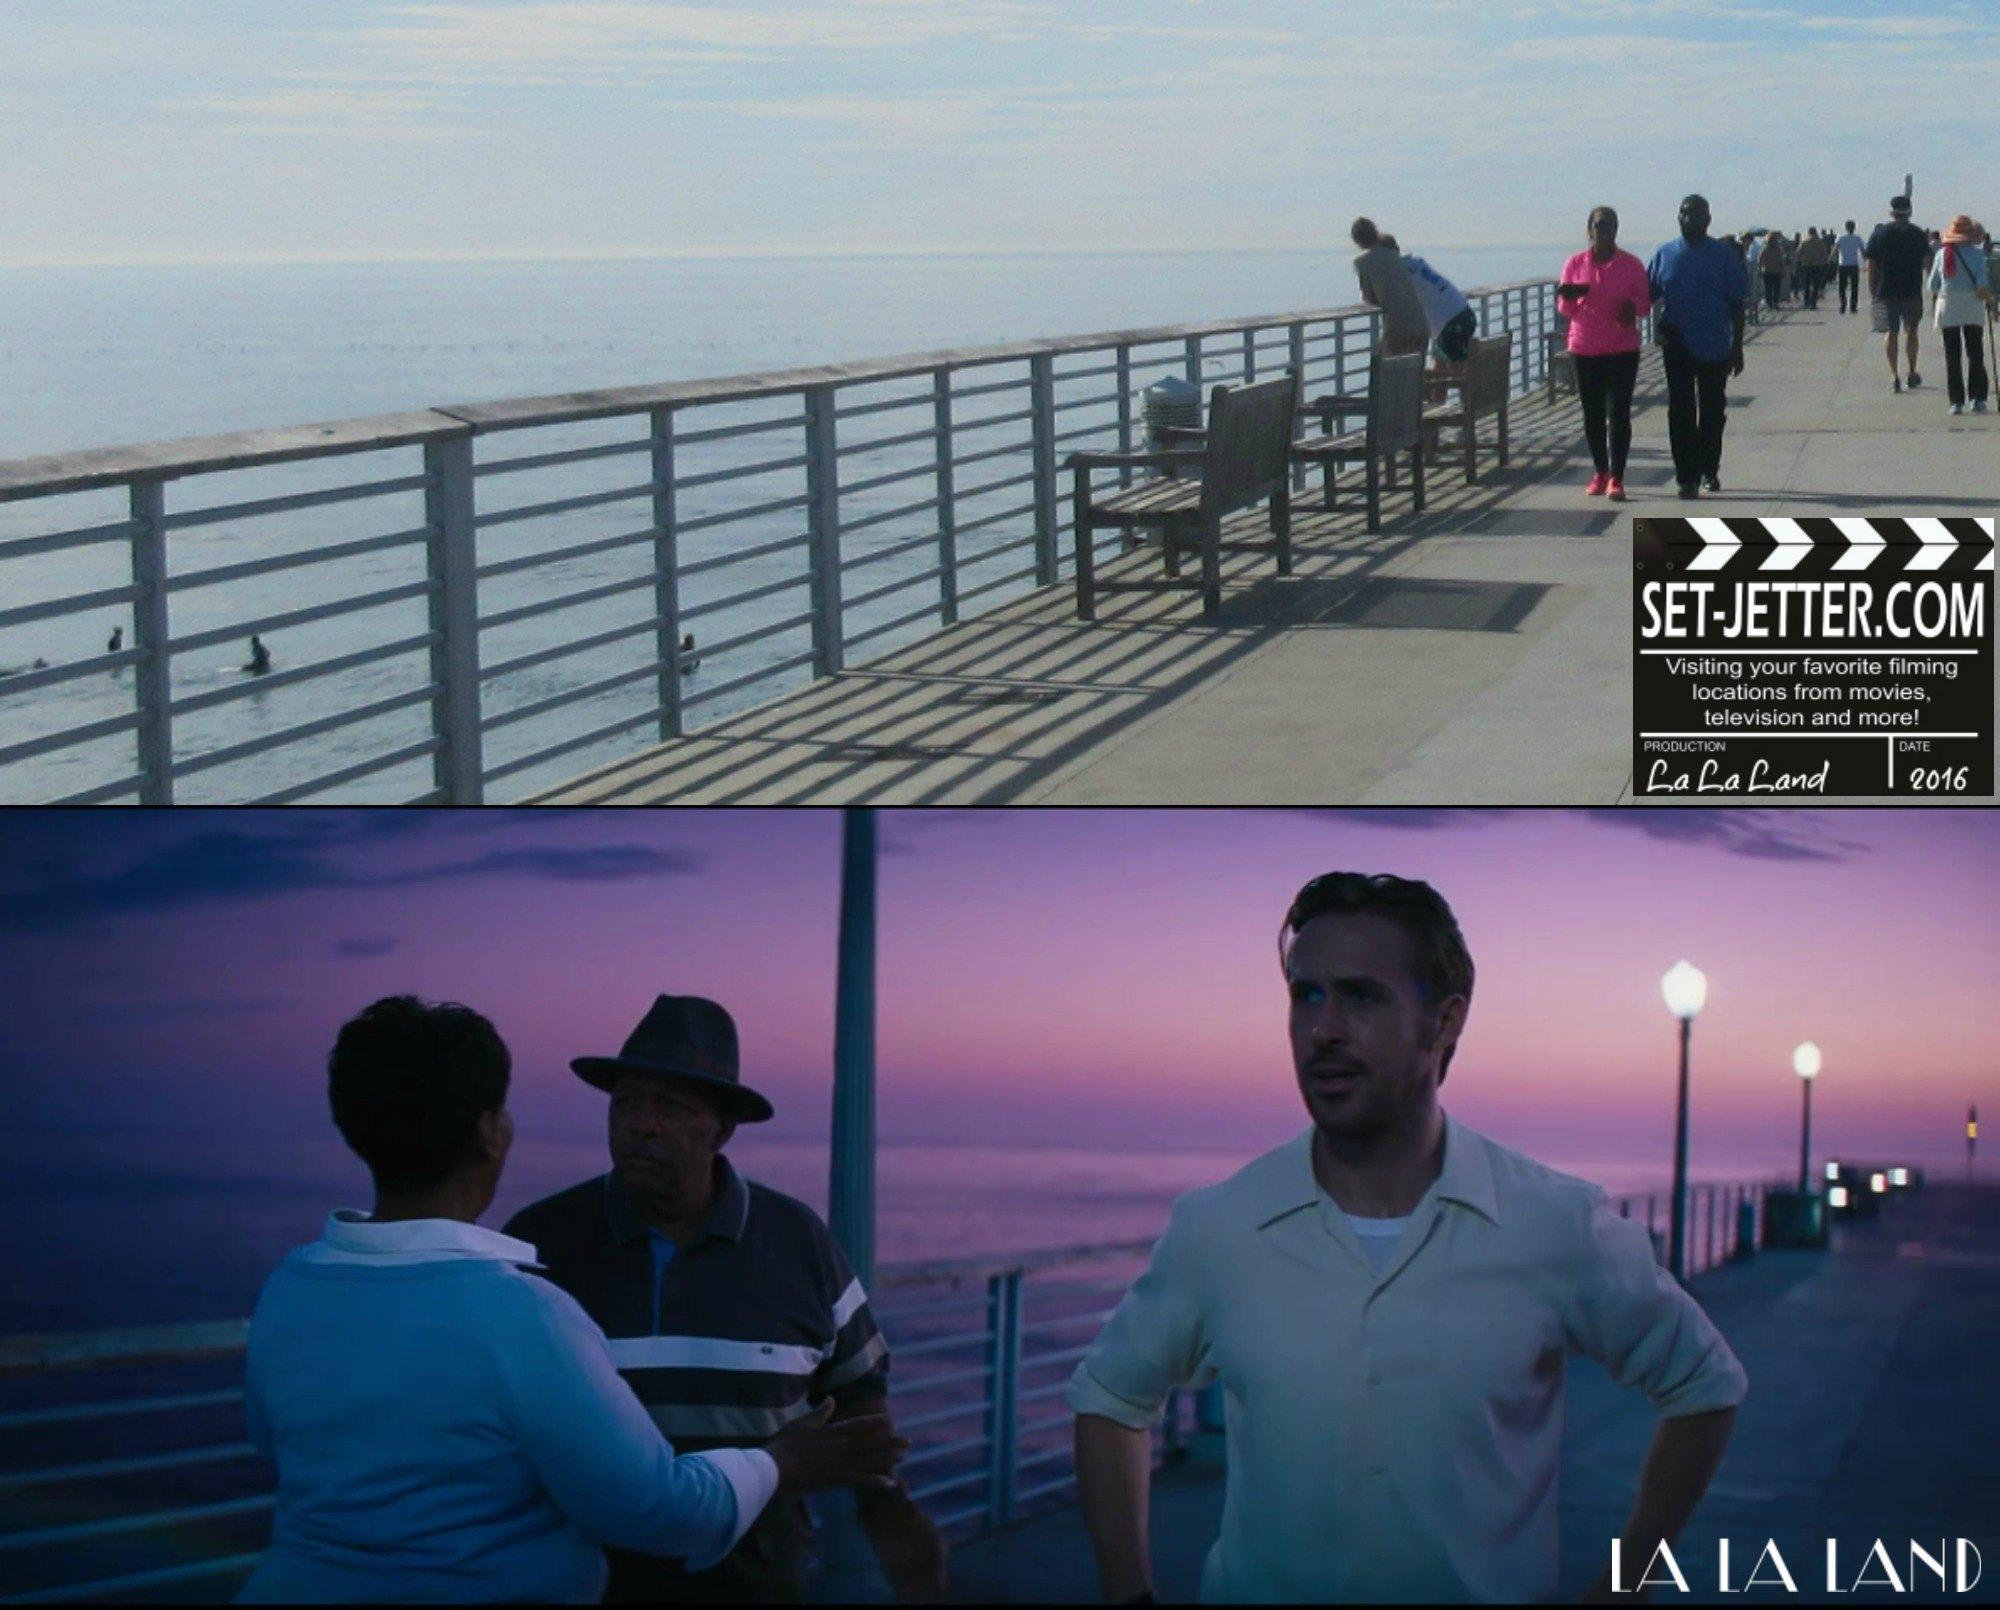 La La Land comparison 55.jpg